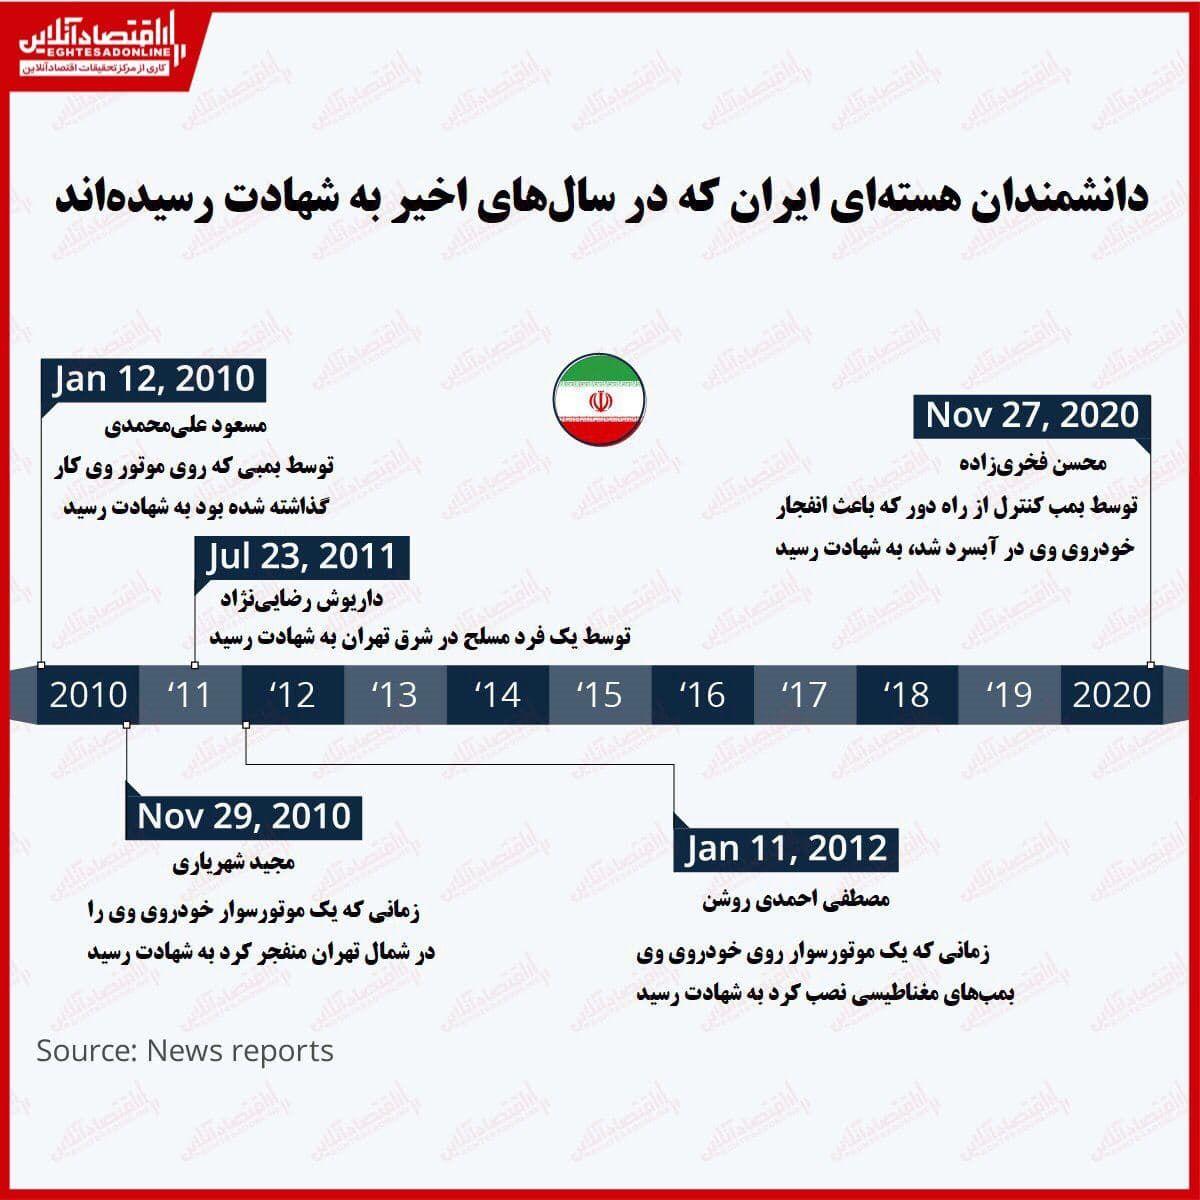 بررسی ابهامات ترور دانشمندان هستهای ایران/ منابع خارجی از شهادت محسن فخریزاده چه میگویند؟